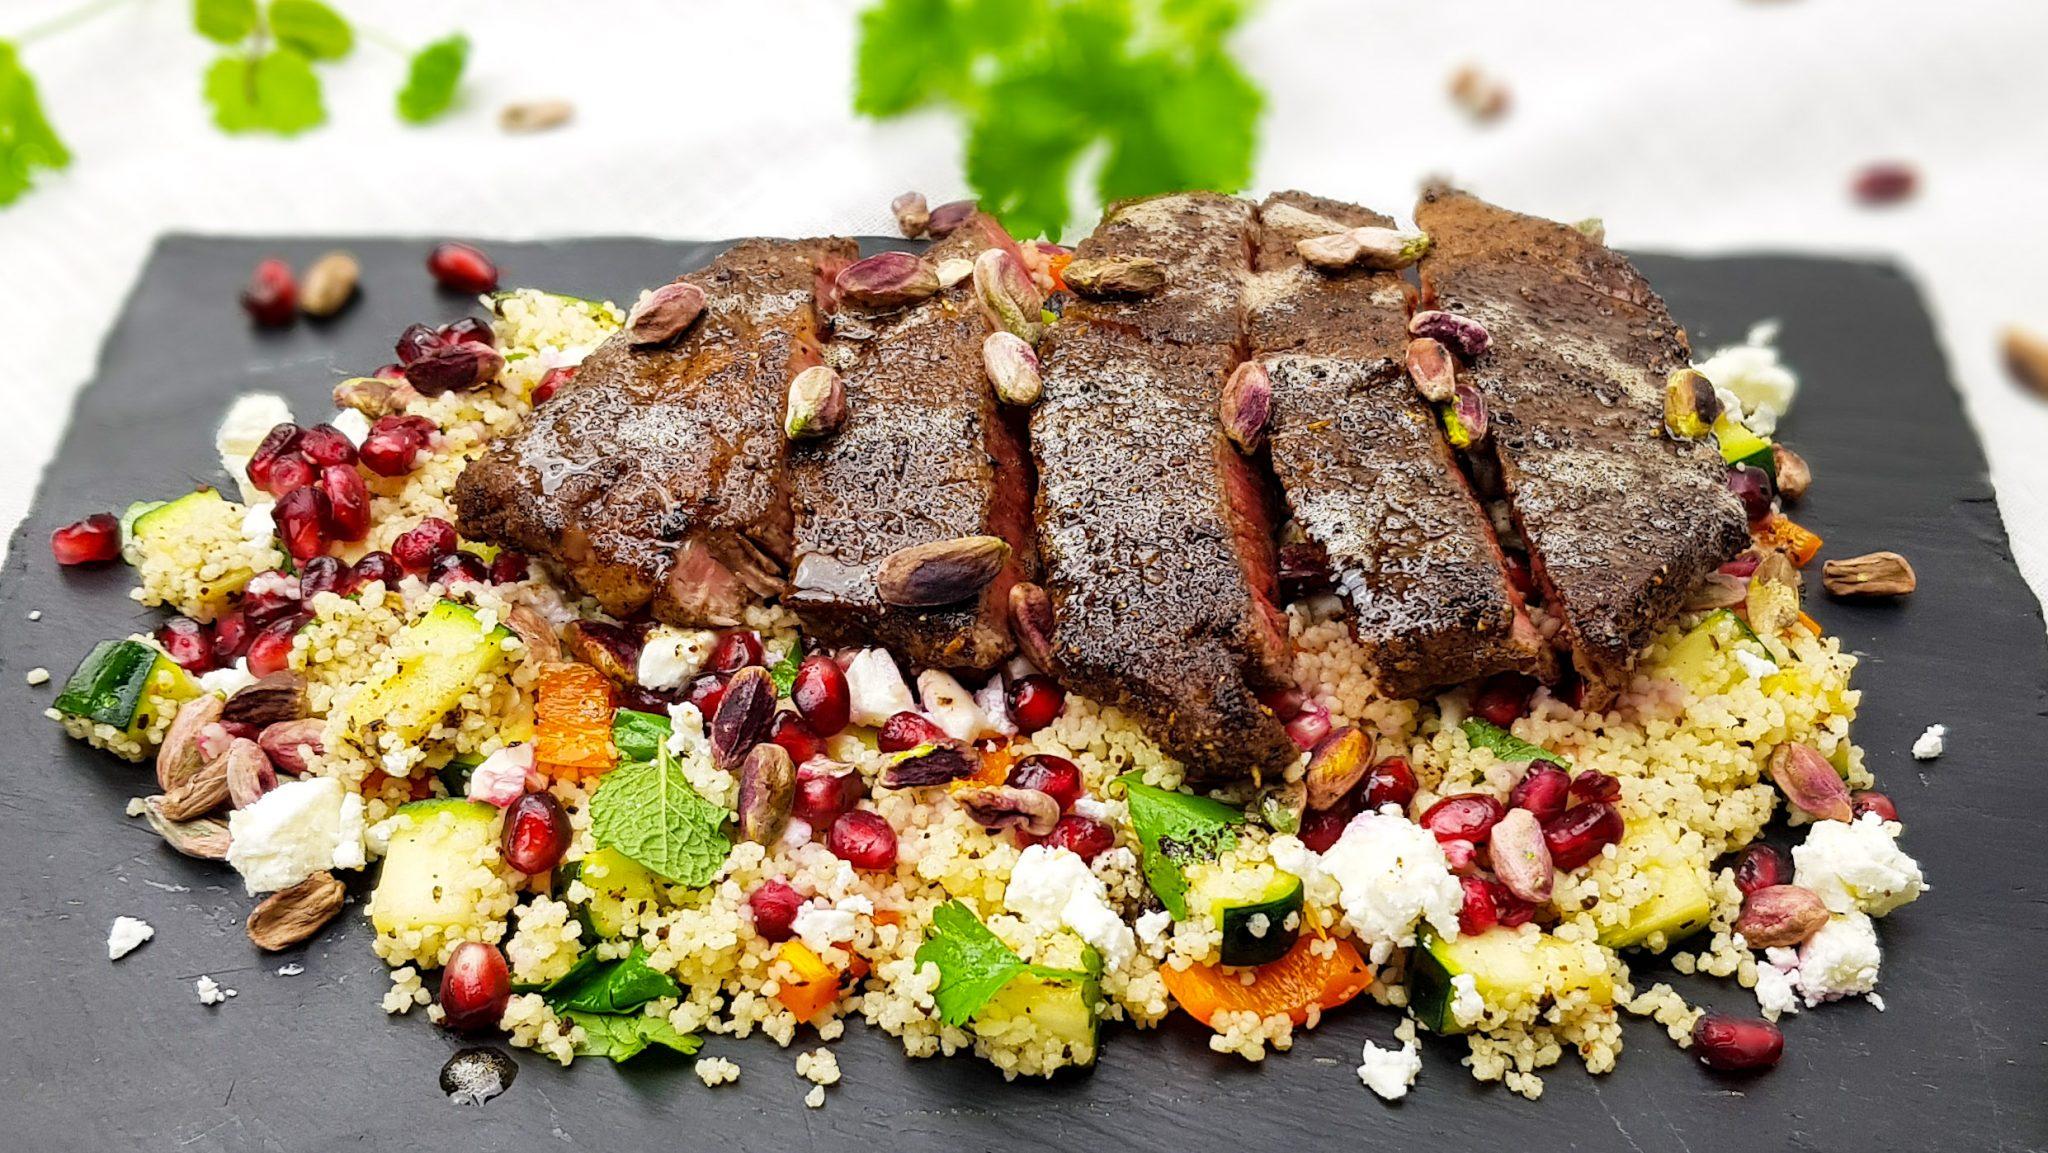 Ribeye steak met couscous salade